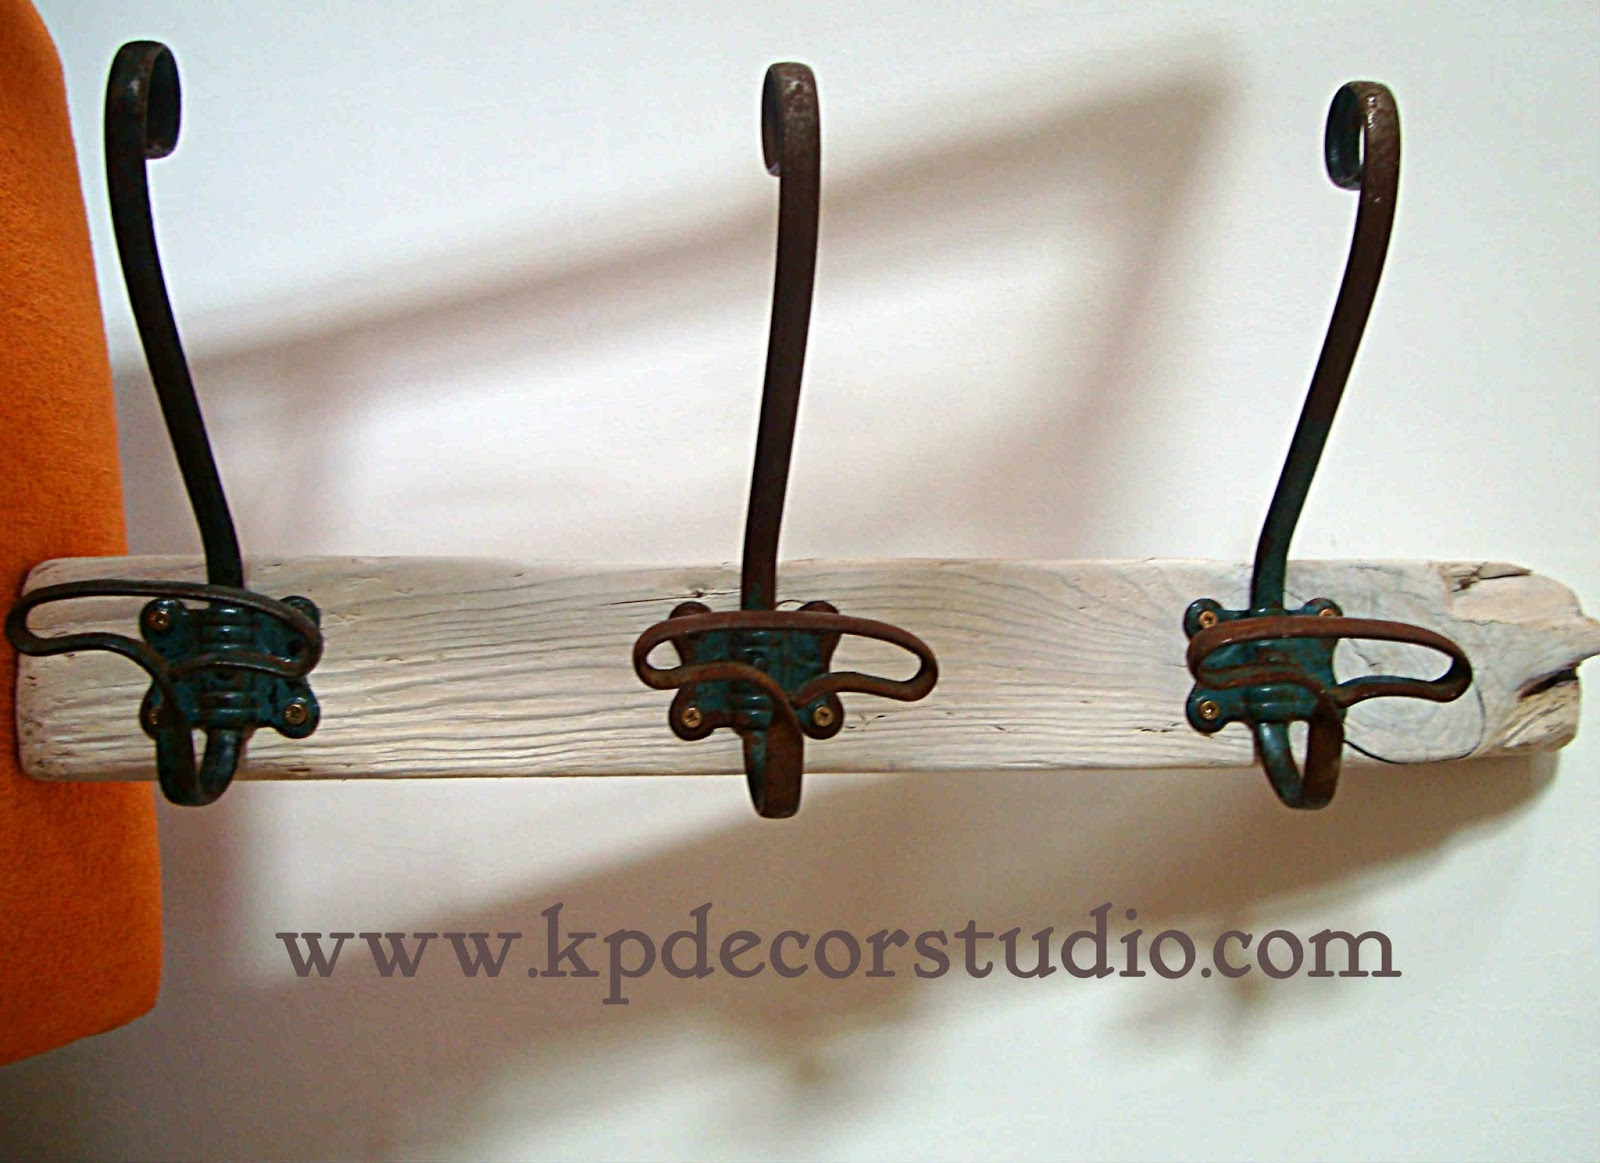 Kp tienda vintage online perchero artesanal de madera con - Perchero de pared original ...